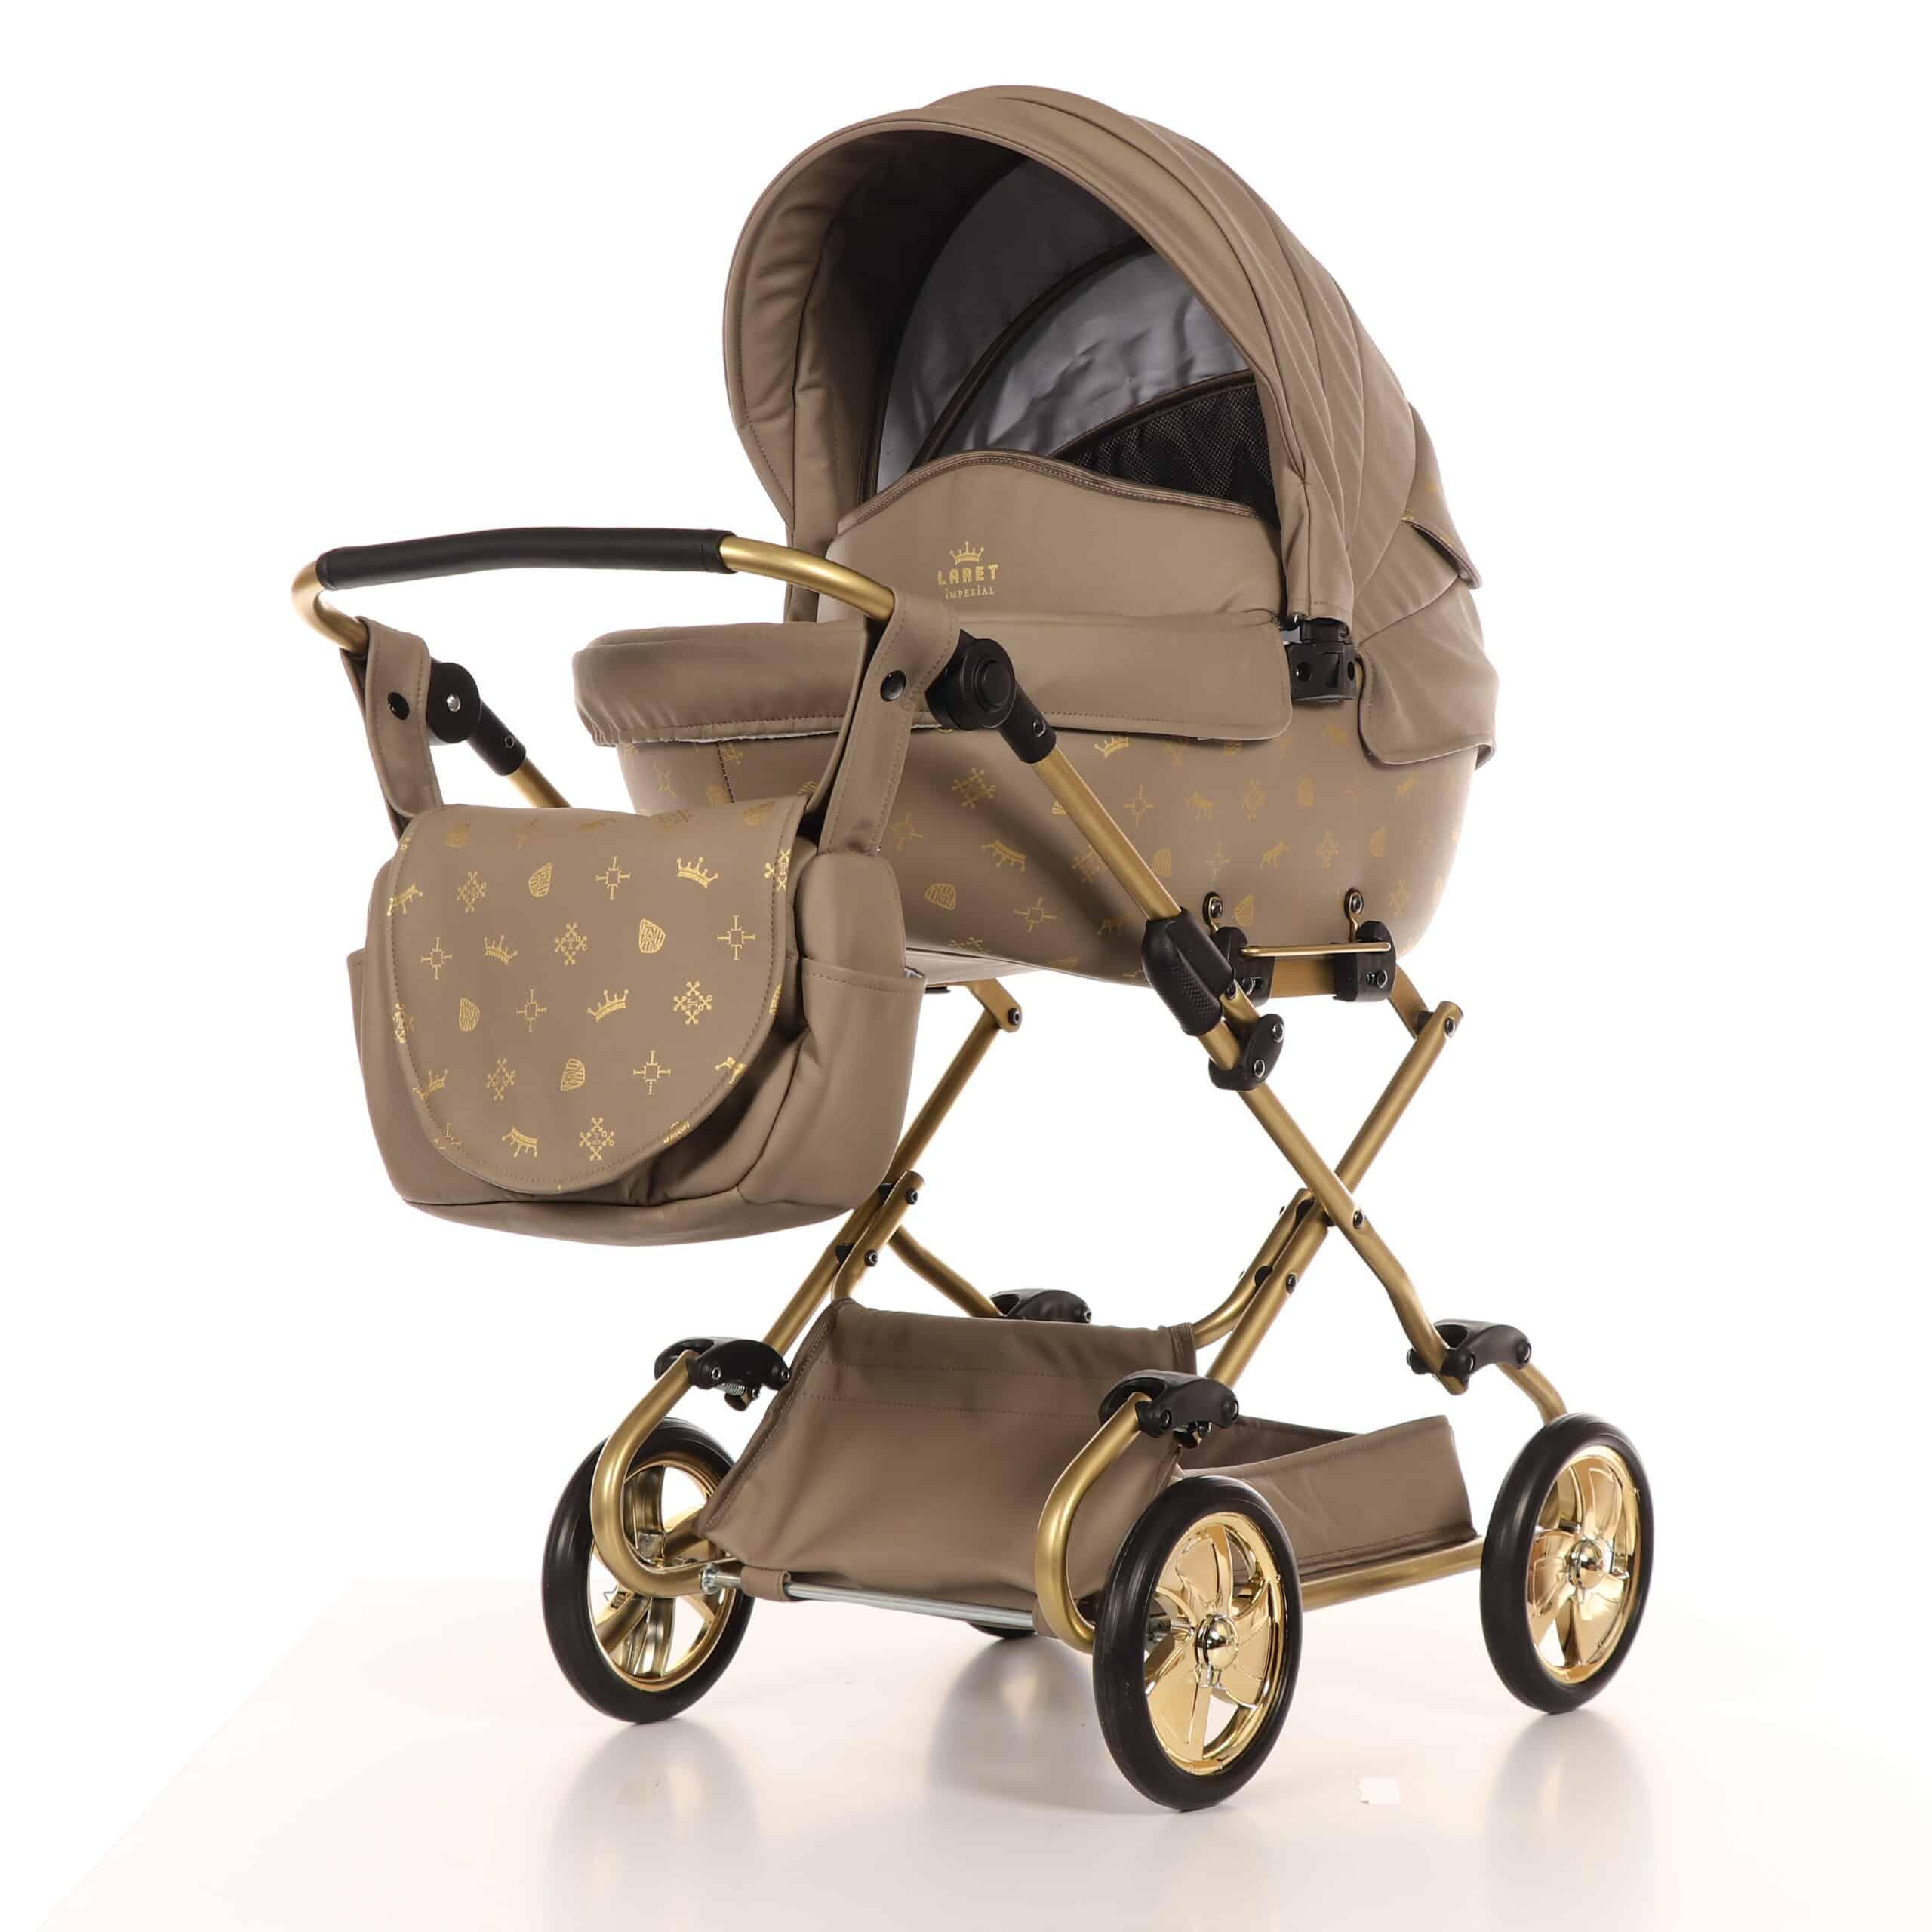 Babyspeciaalzaak | Baby's Paradijs | 2018 11 27 9999 15 2 scaled